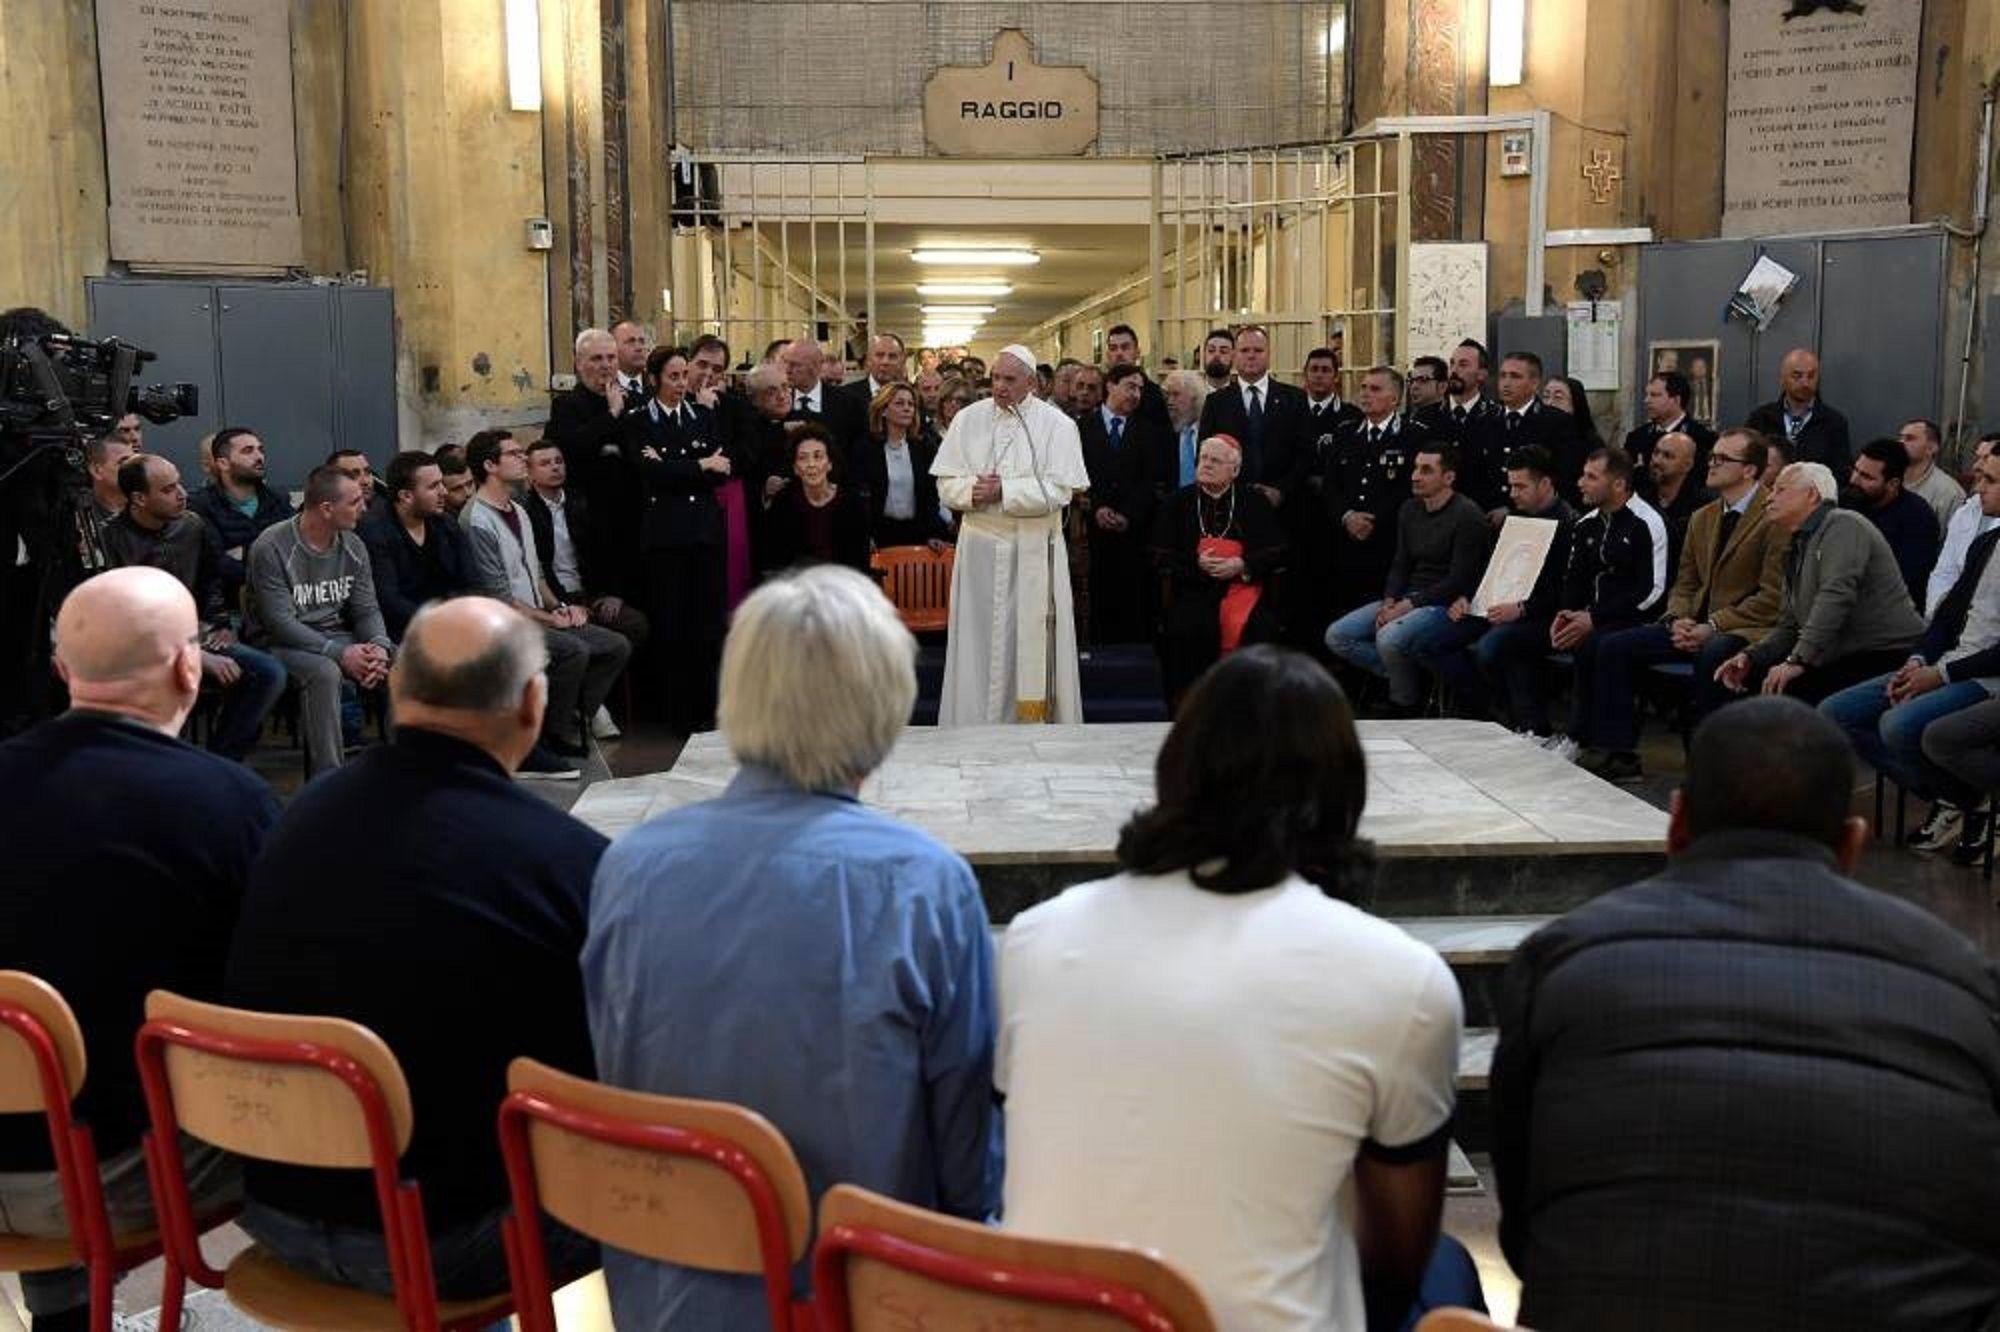 El papa Francisco almorzó con presos en una cárcel de Milán